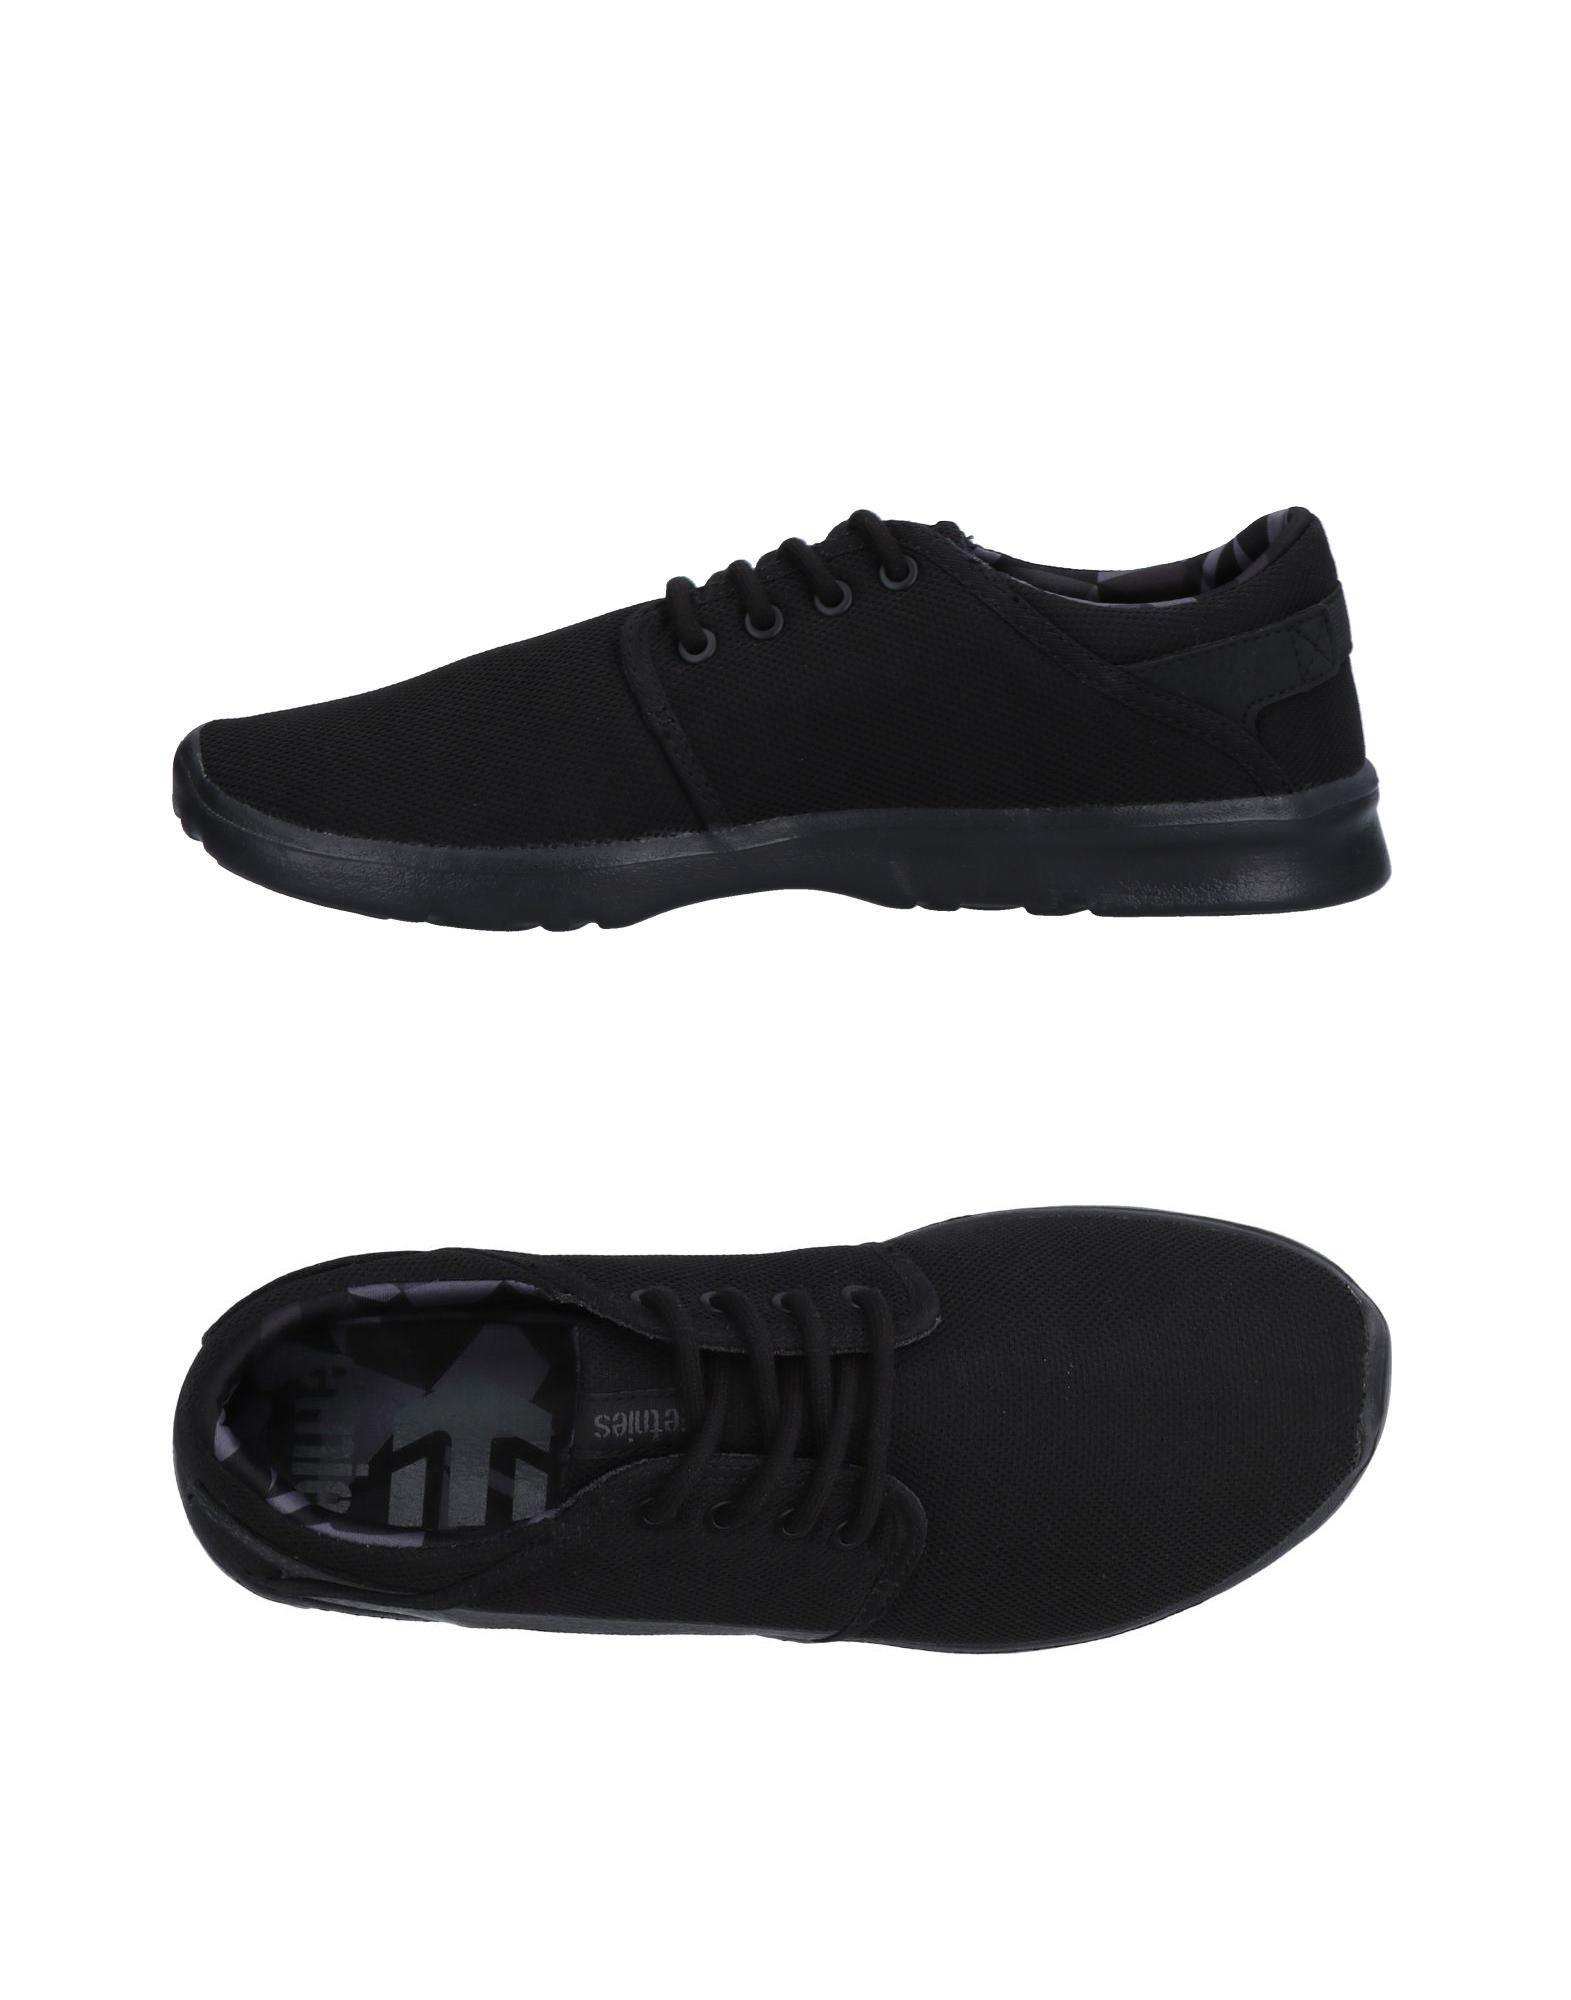 Sneakers Etnies Homme - Sneakers Etnies  Noir Spécial temps limité